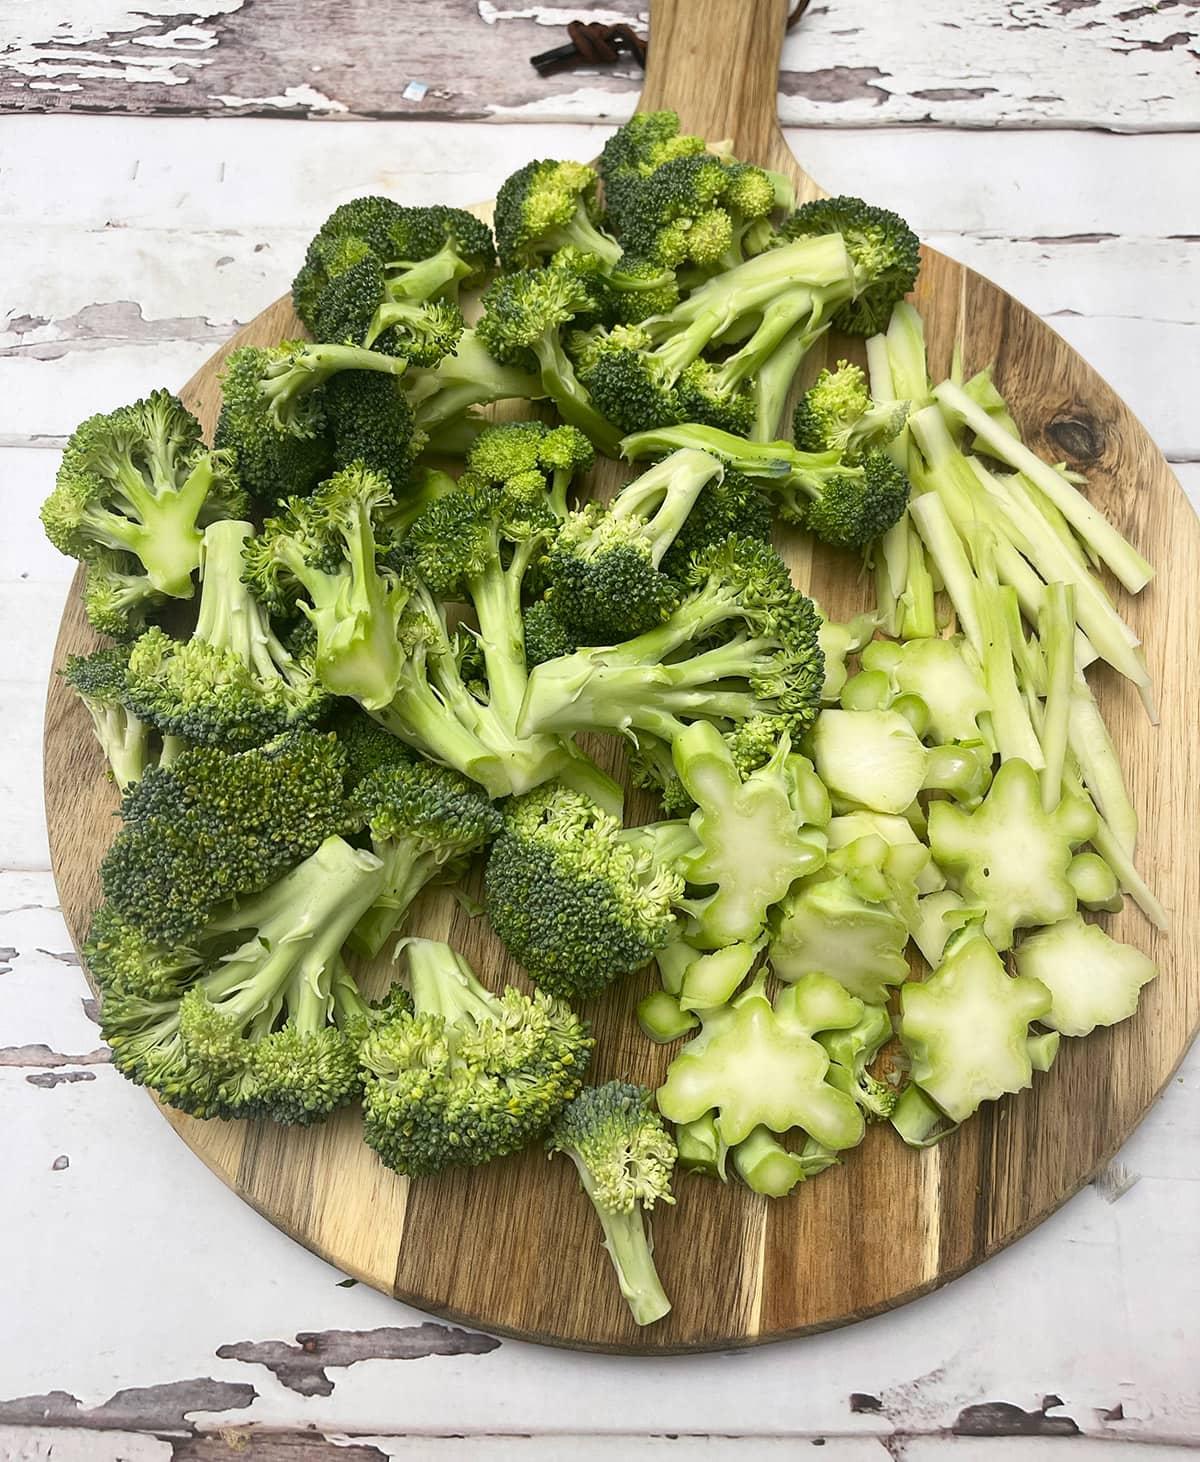 broccoli cut 3 different ways on a cutting board